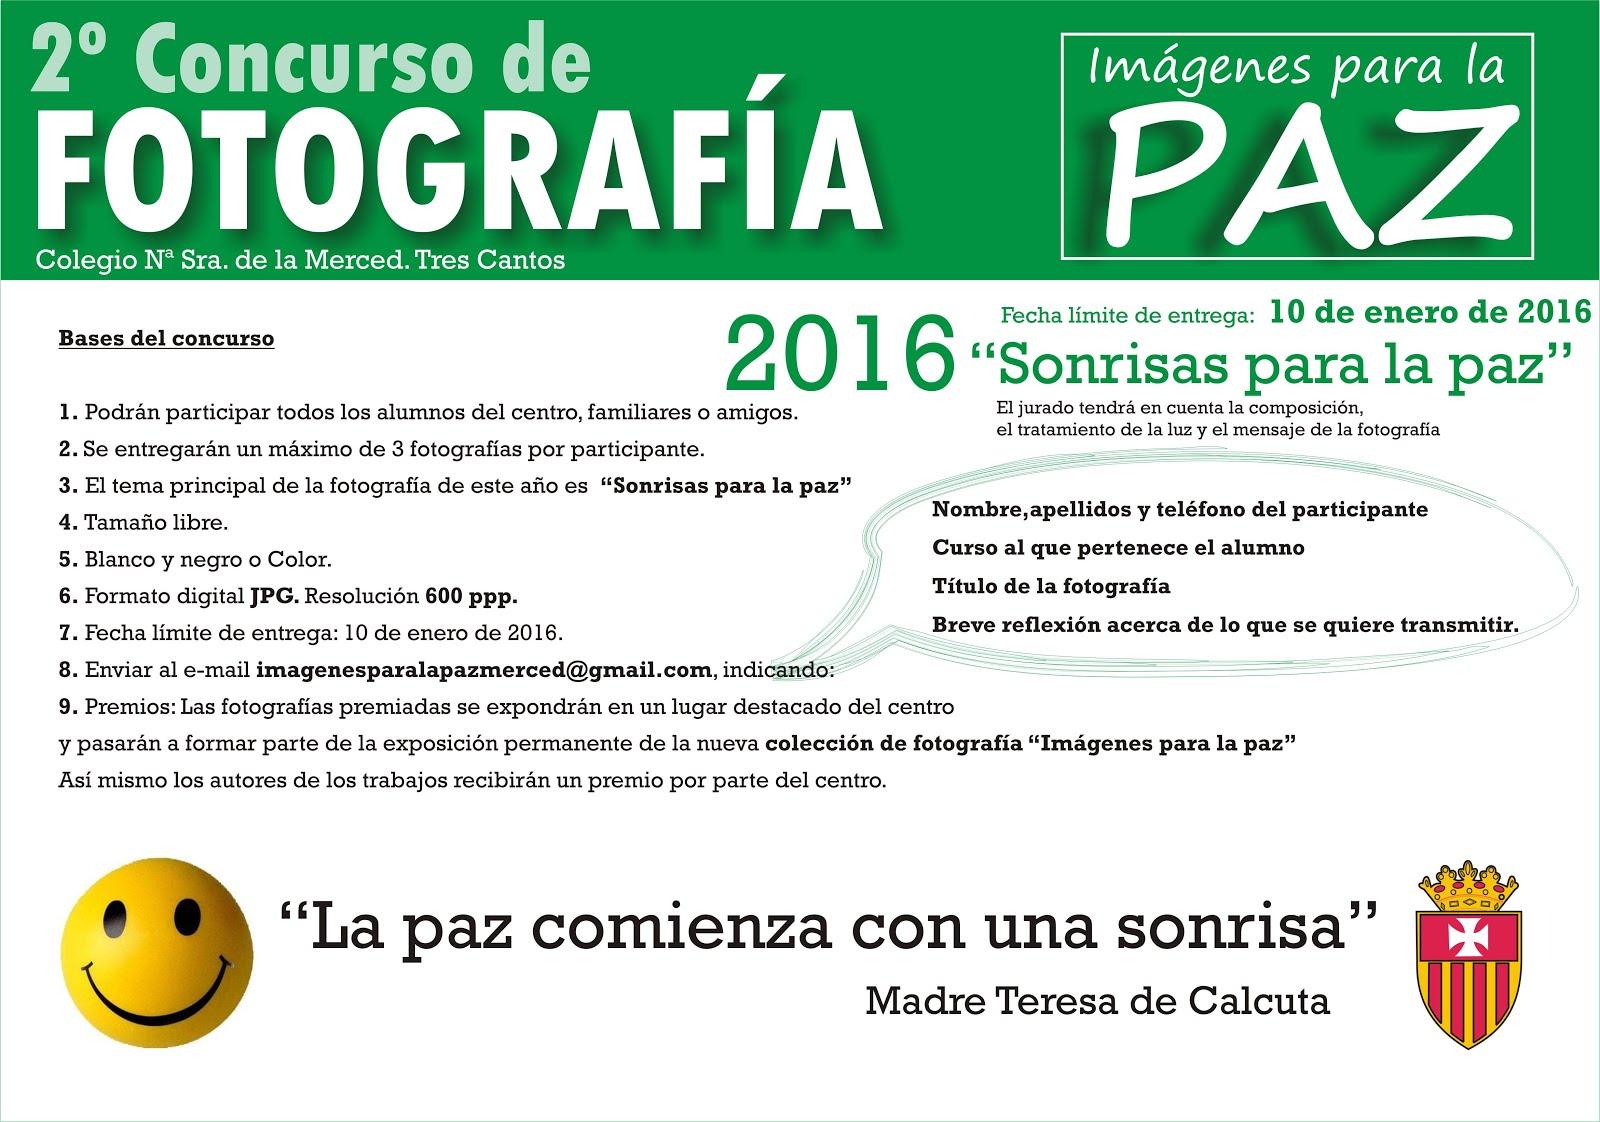 Concurso Fotografía PAZ 2016